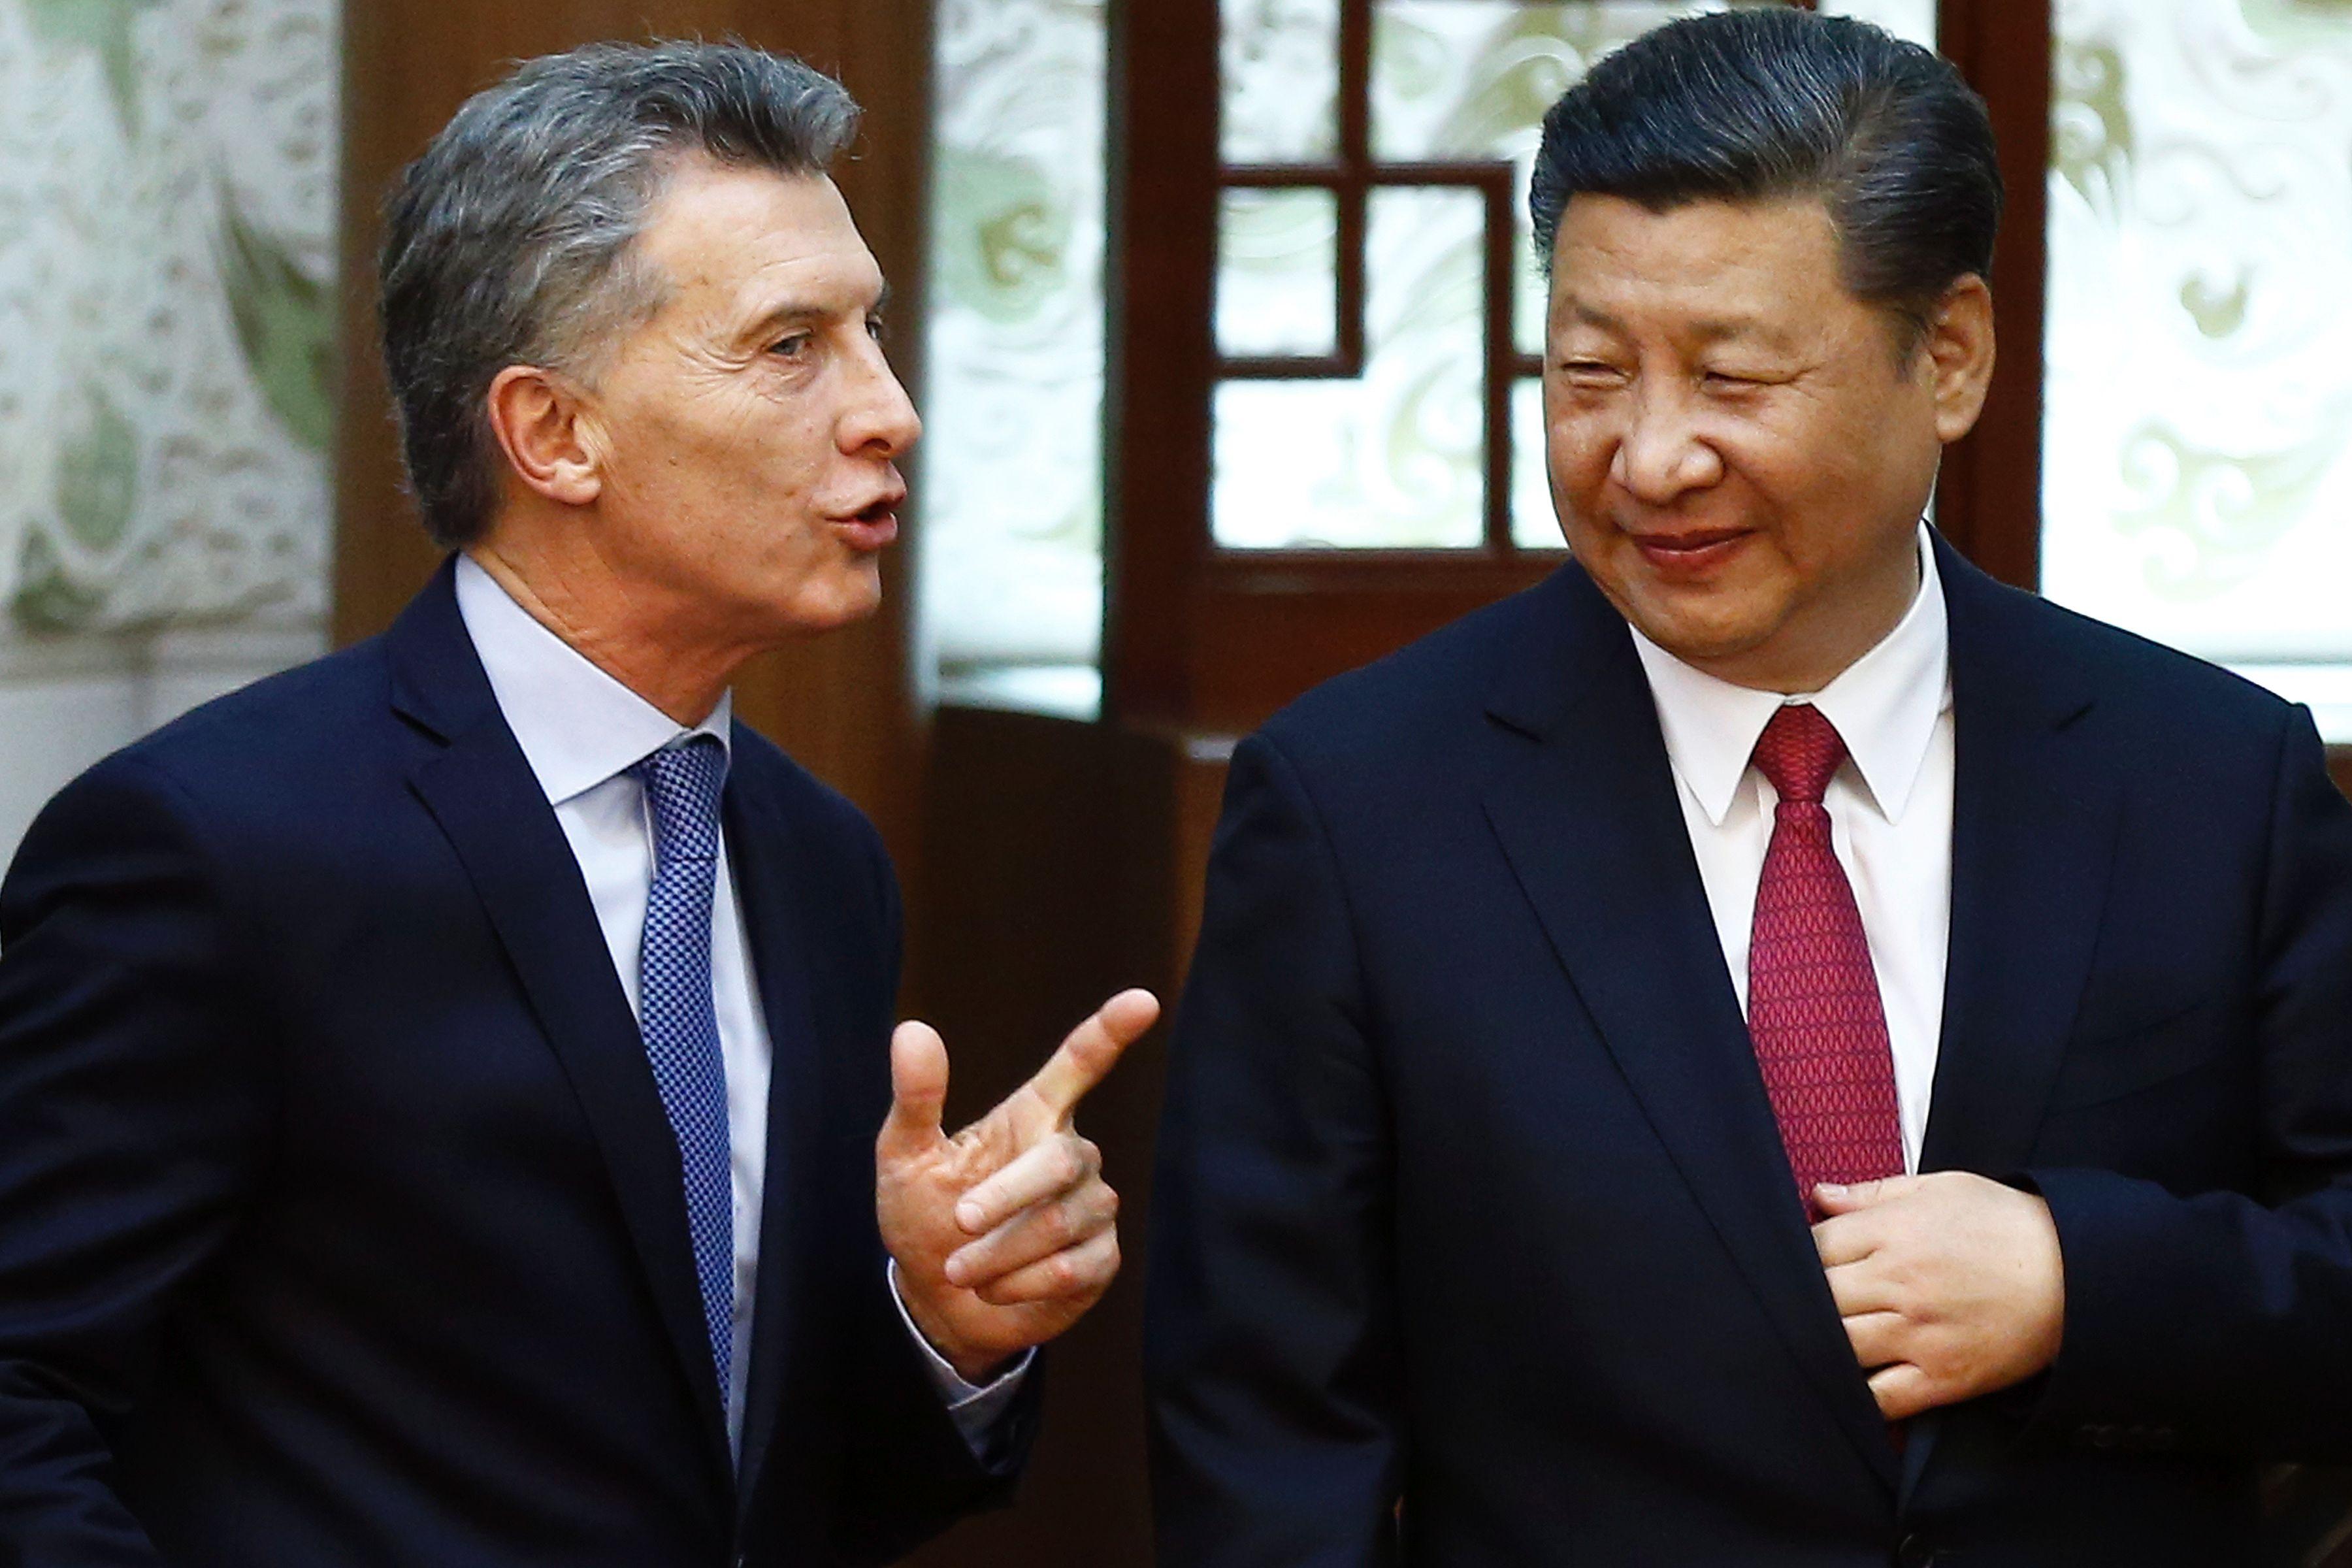 Uñac acompañó a Macri en la firma de convenios por 15 mil millones de dólares con el presidente chino